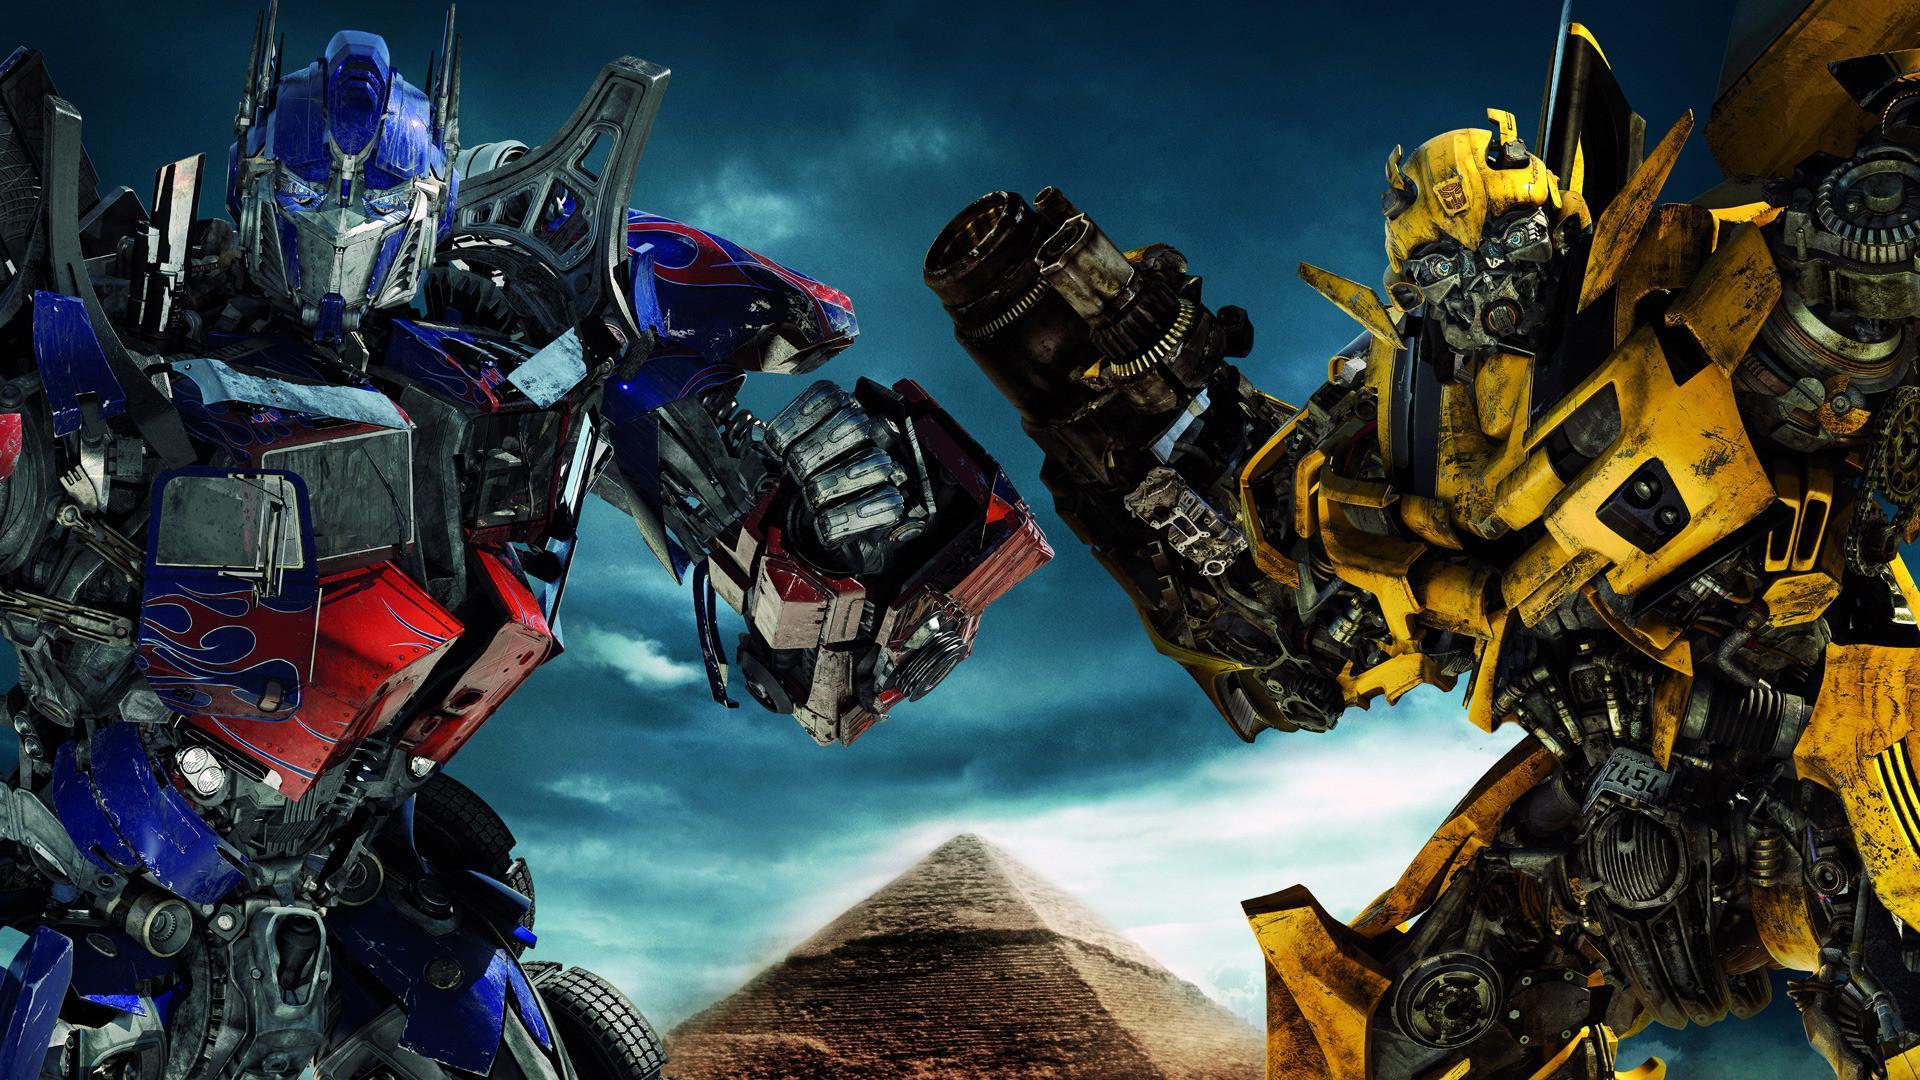 Transformers Revenge of the Fallen wallpaper 3